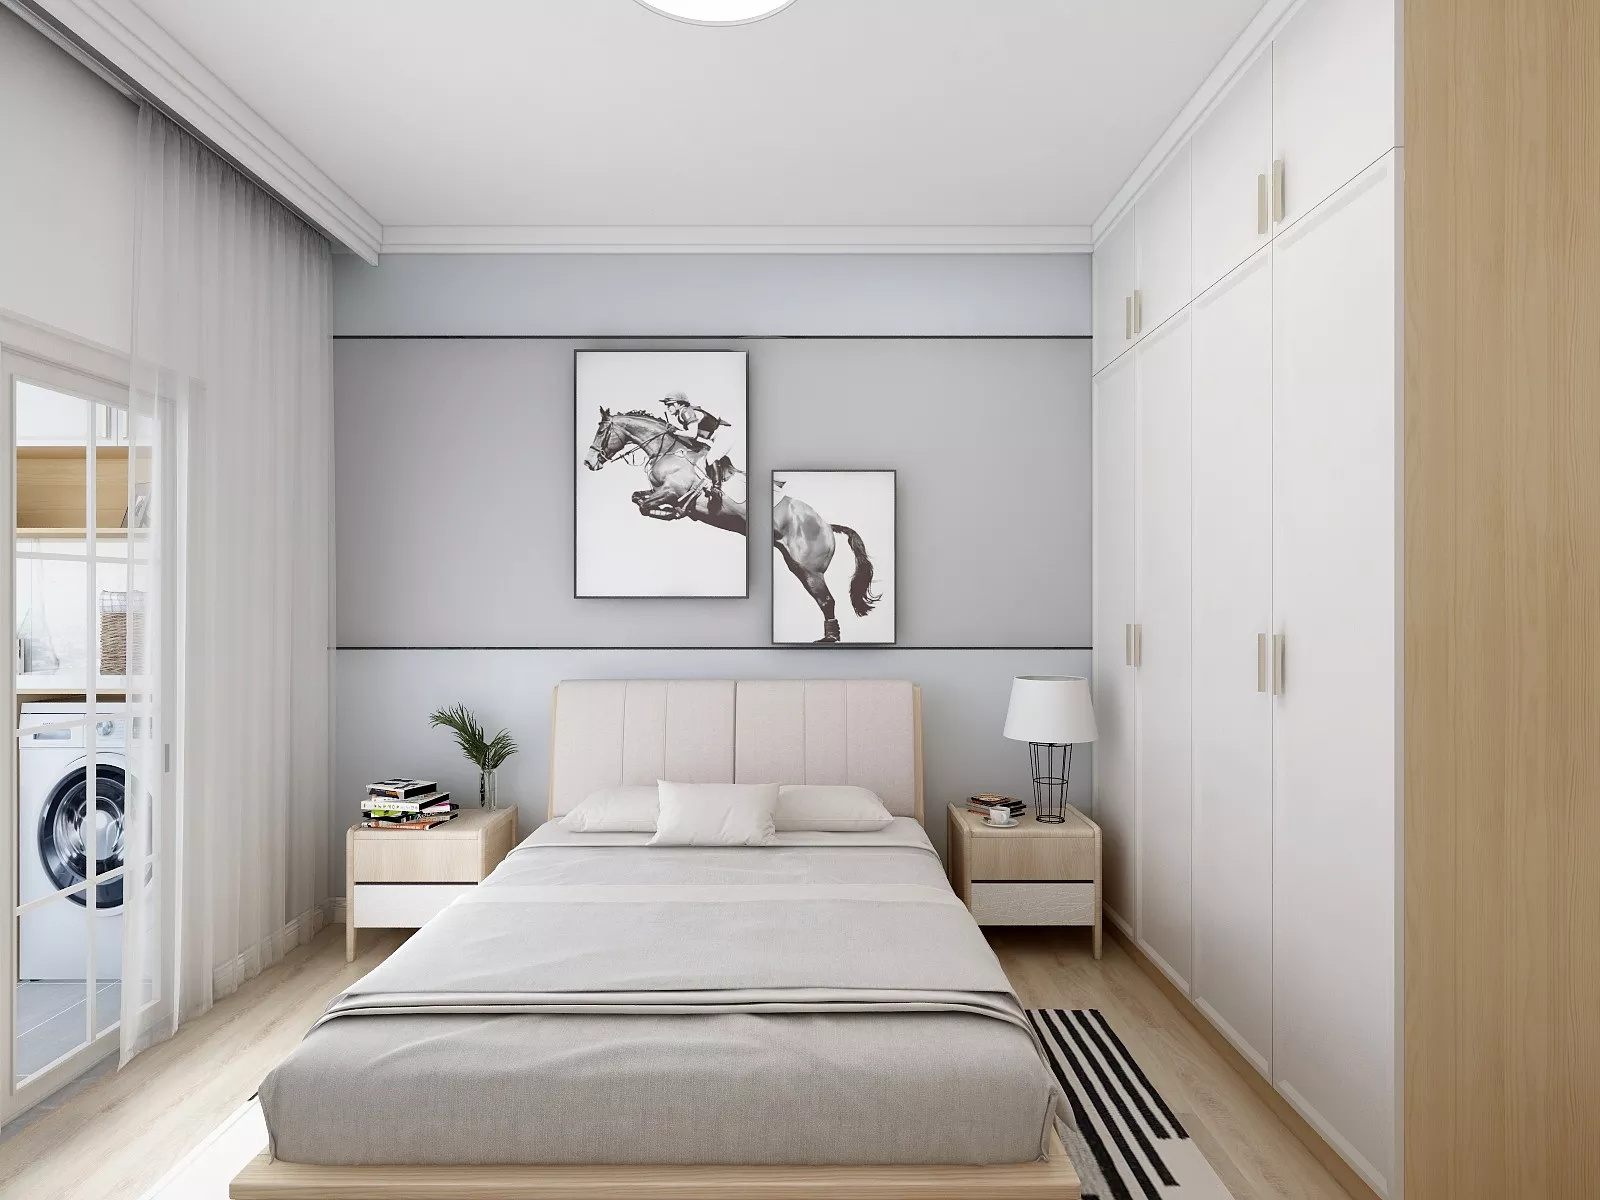 室内用什么隔断墙最实惠 室内隔断有哪些材料